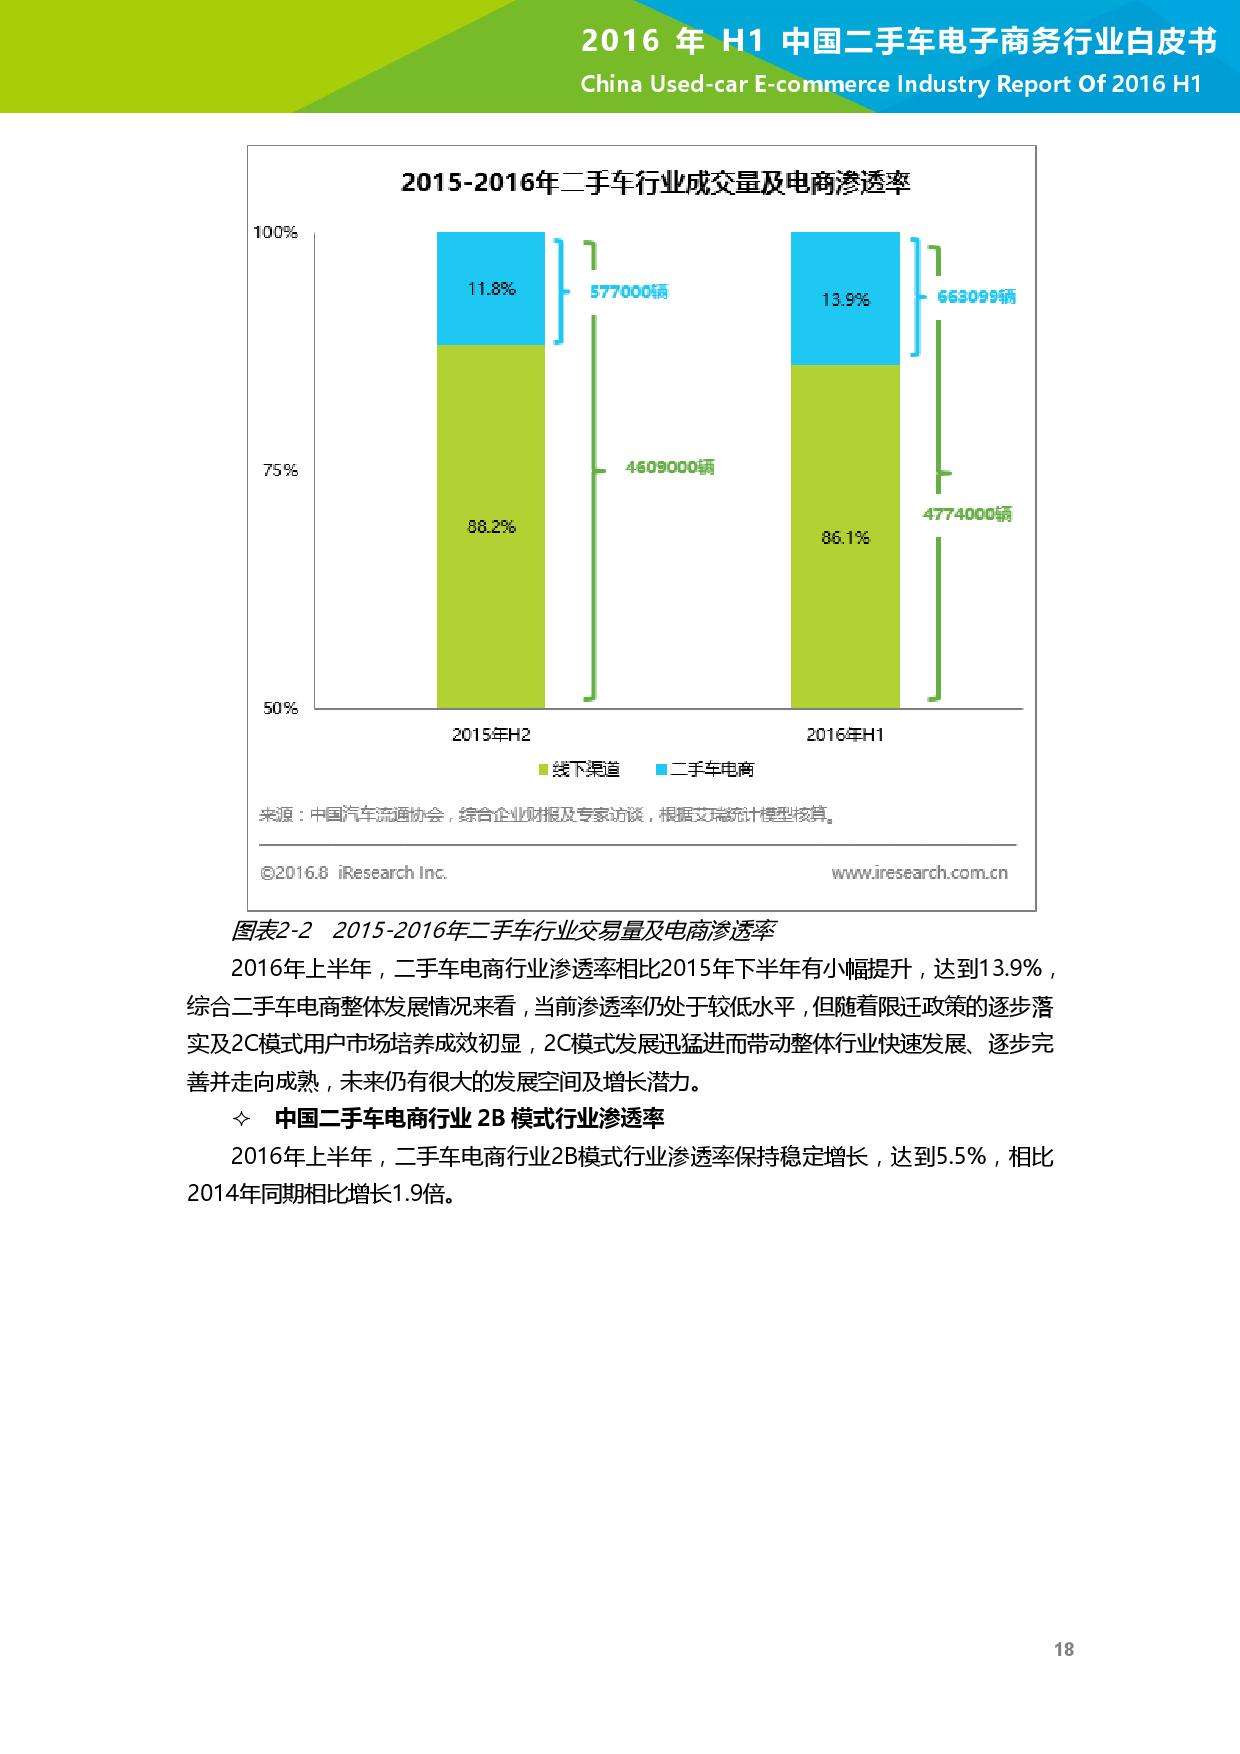 2016年H1中国二手车电子商务行业白皮书_000019